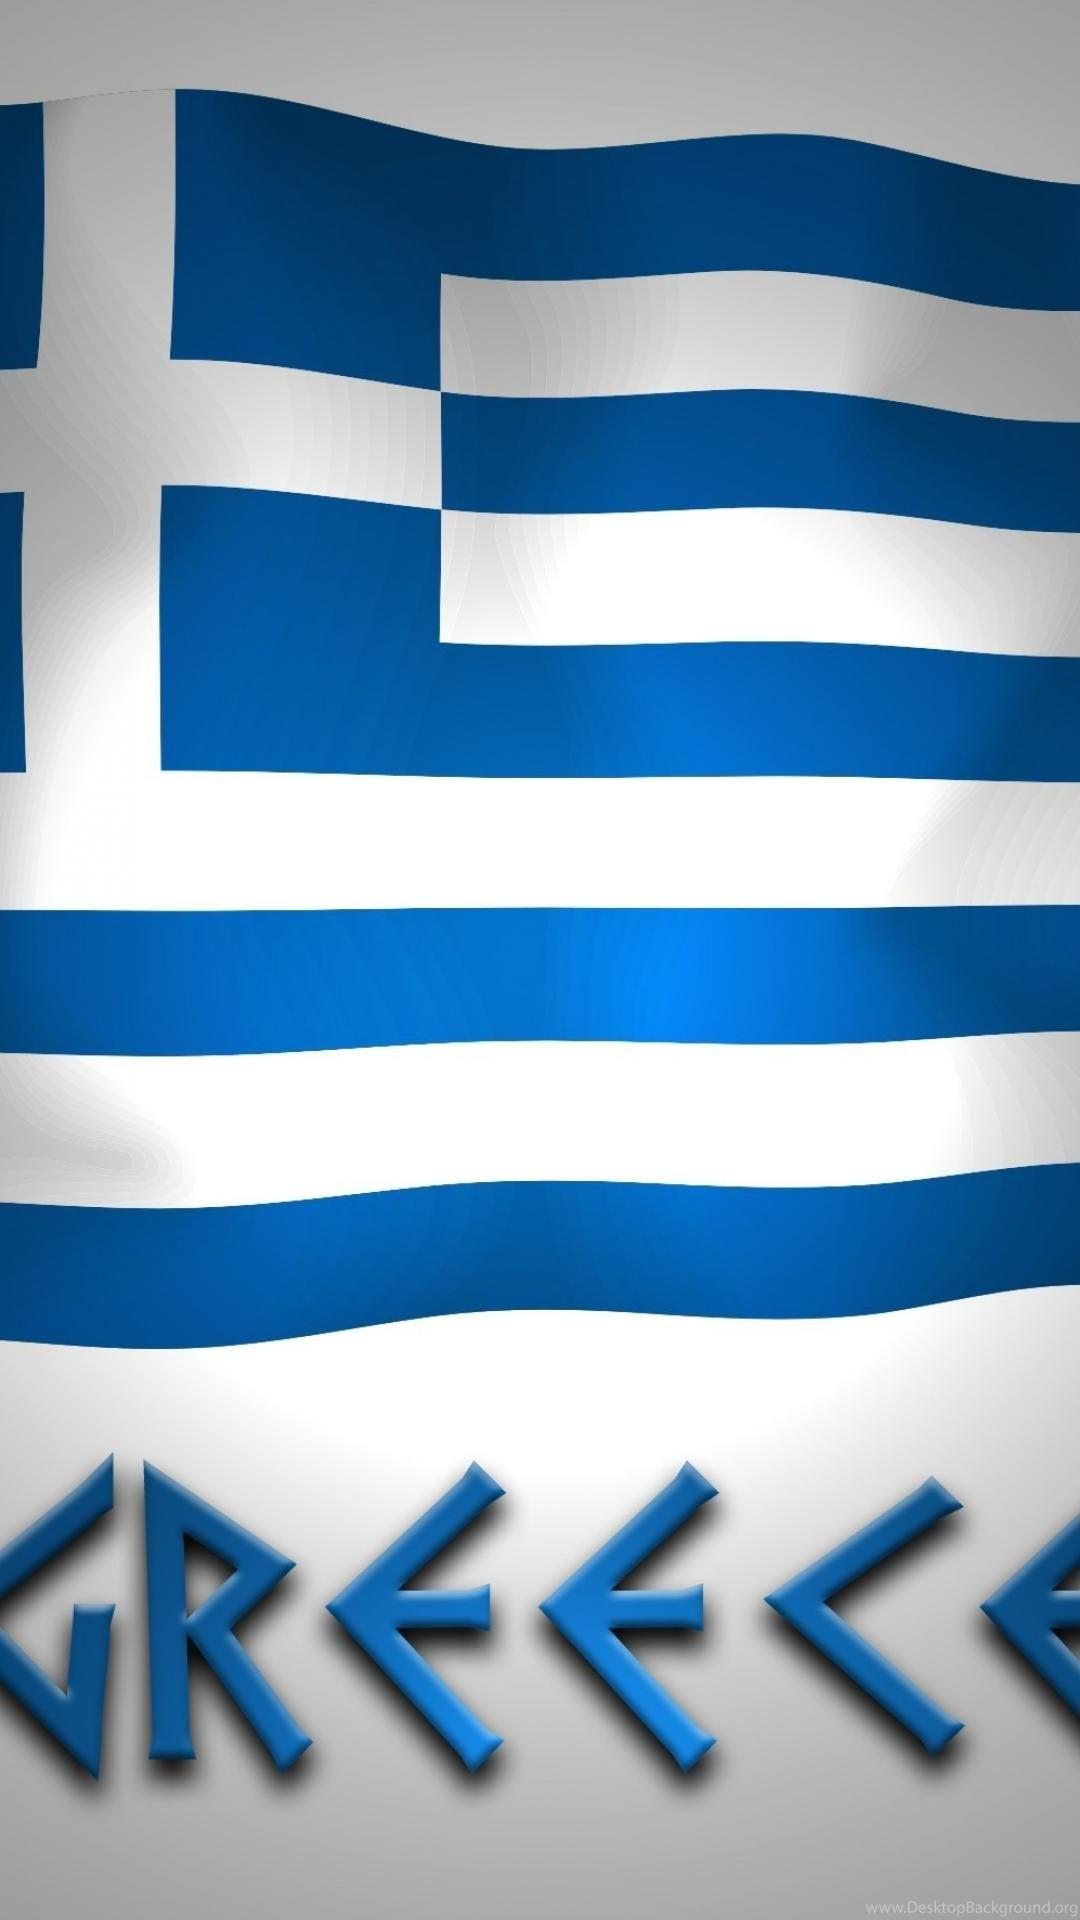 greek flag wallpaper 52 images